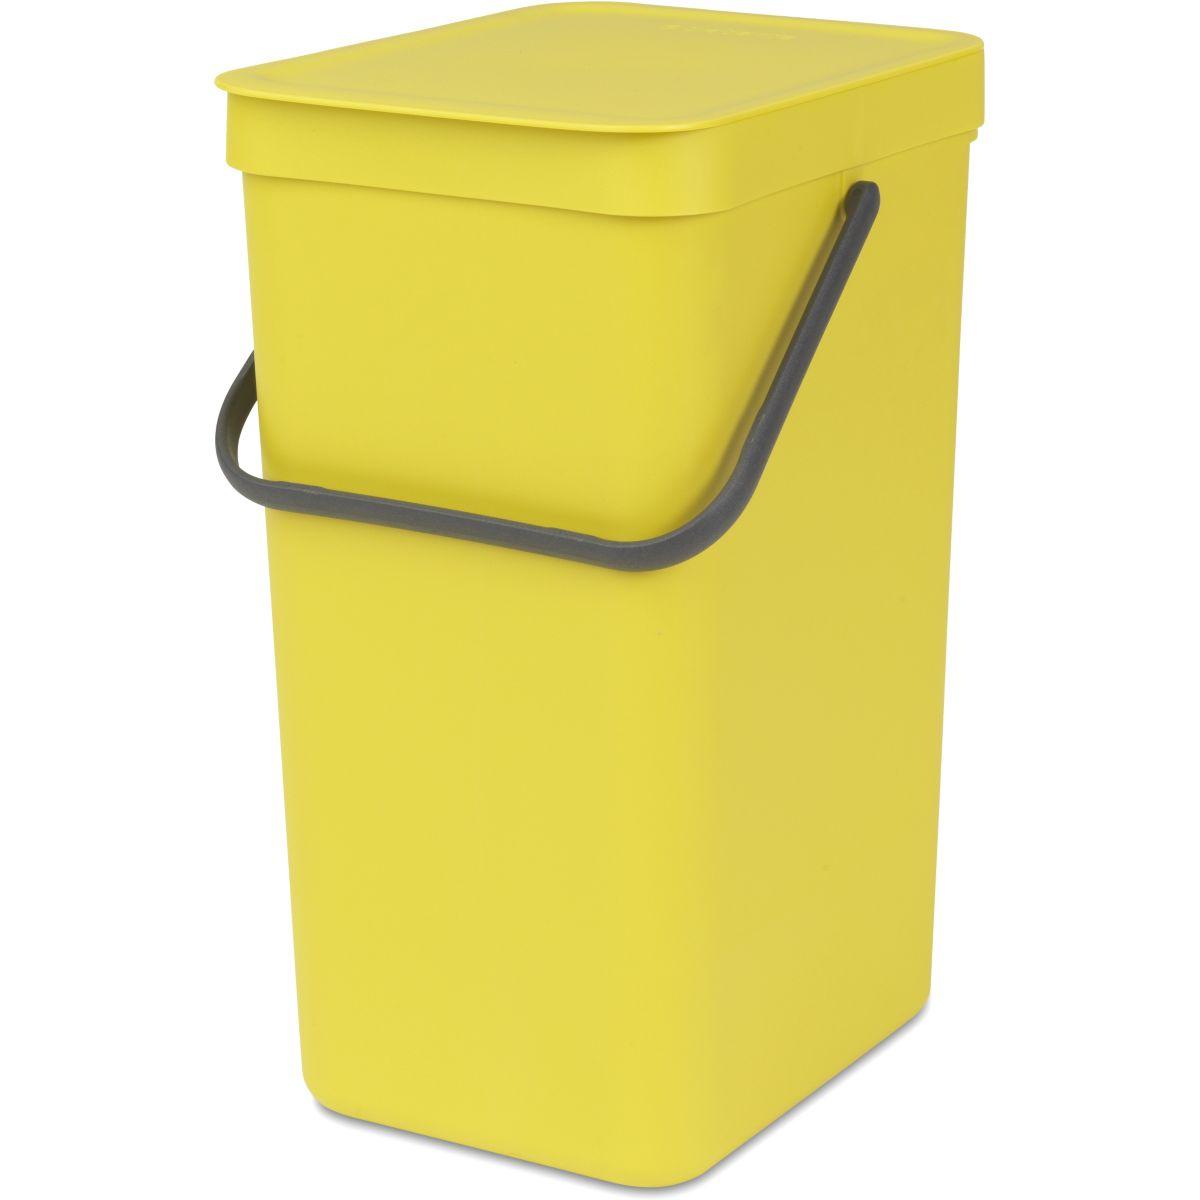 Poubelle manuelle BRABANTIA Waste Bin Sort & Go 16L Yellow (photo)